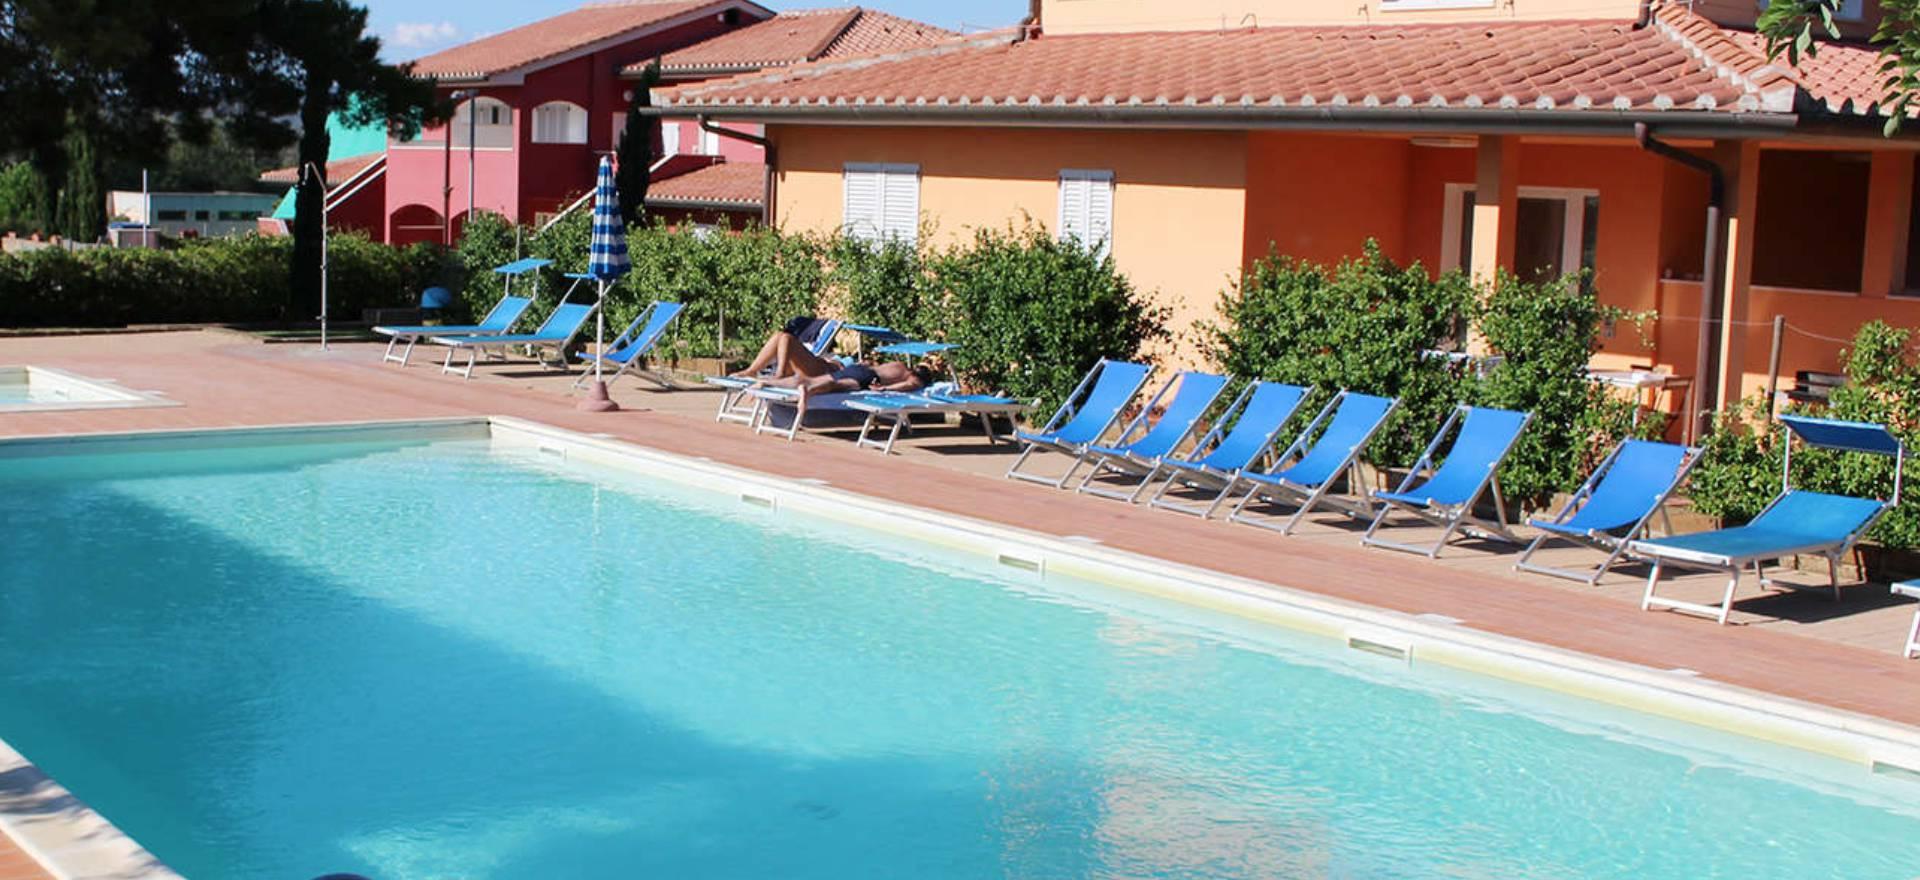 Residence con piscina vicino al mare in toscana - Piscine in toscana ...